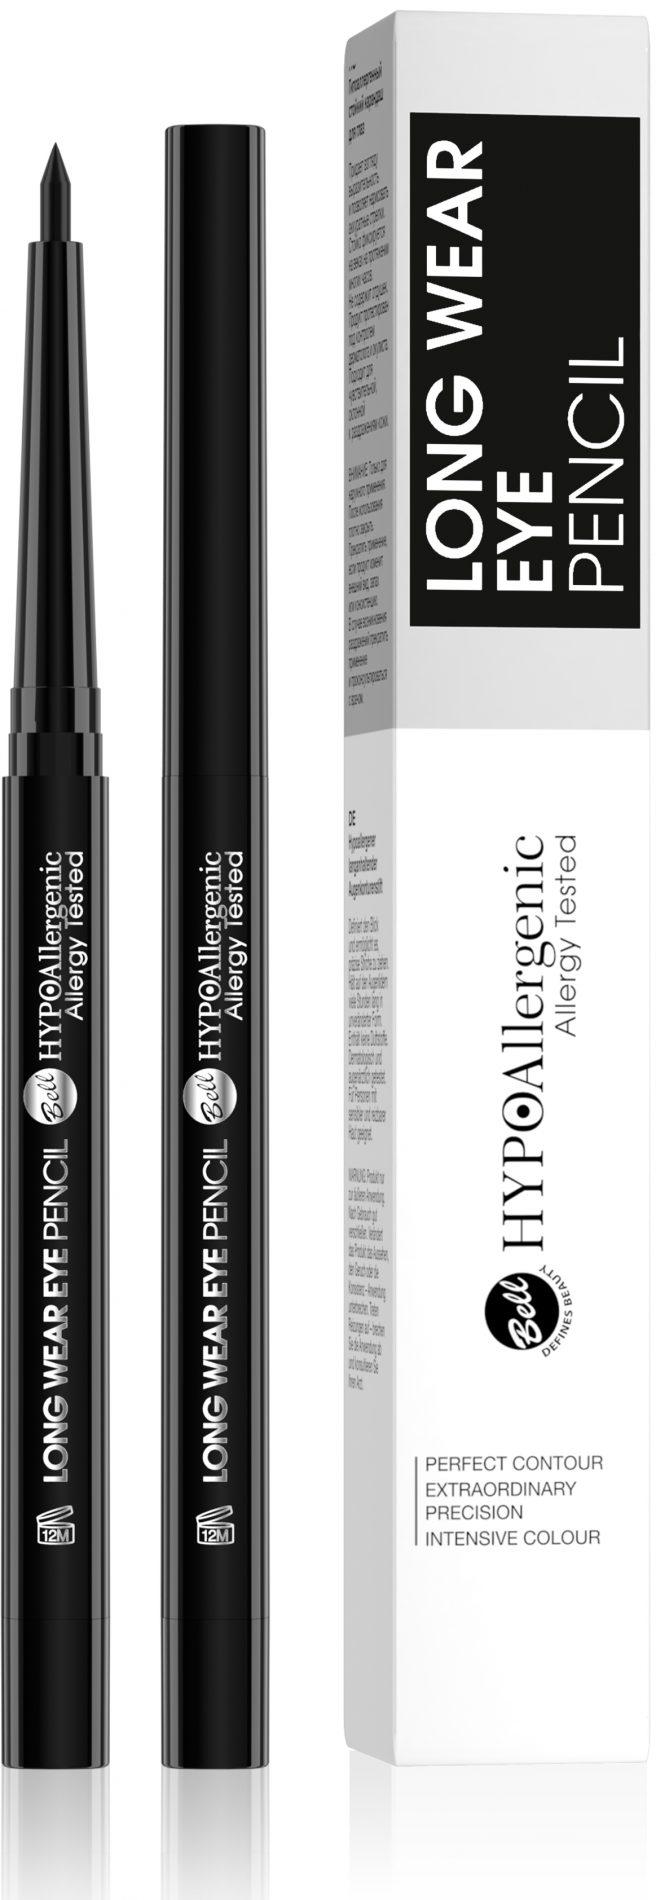 HYPOAllergenic Long Wear Eye Pencil 01 Black